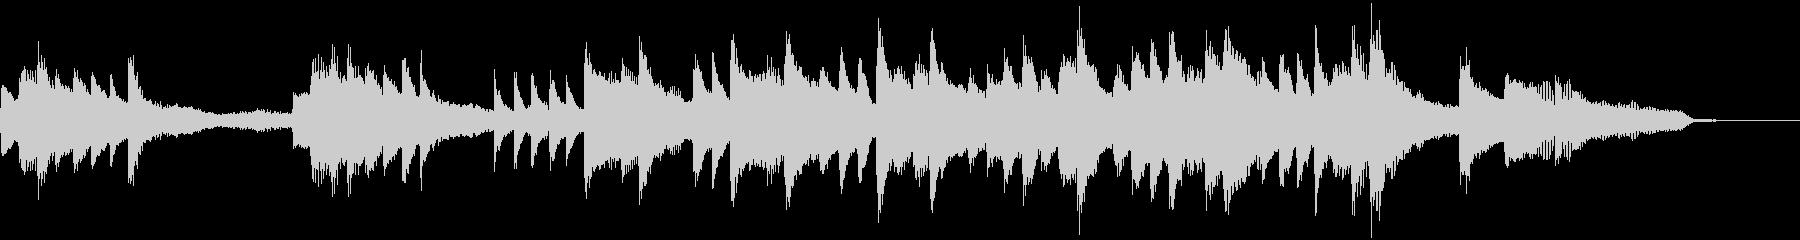 映像・ナレーション用ピアノ演奏(風)の未再生の波形